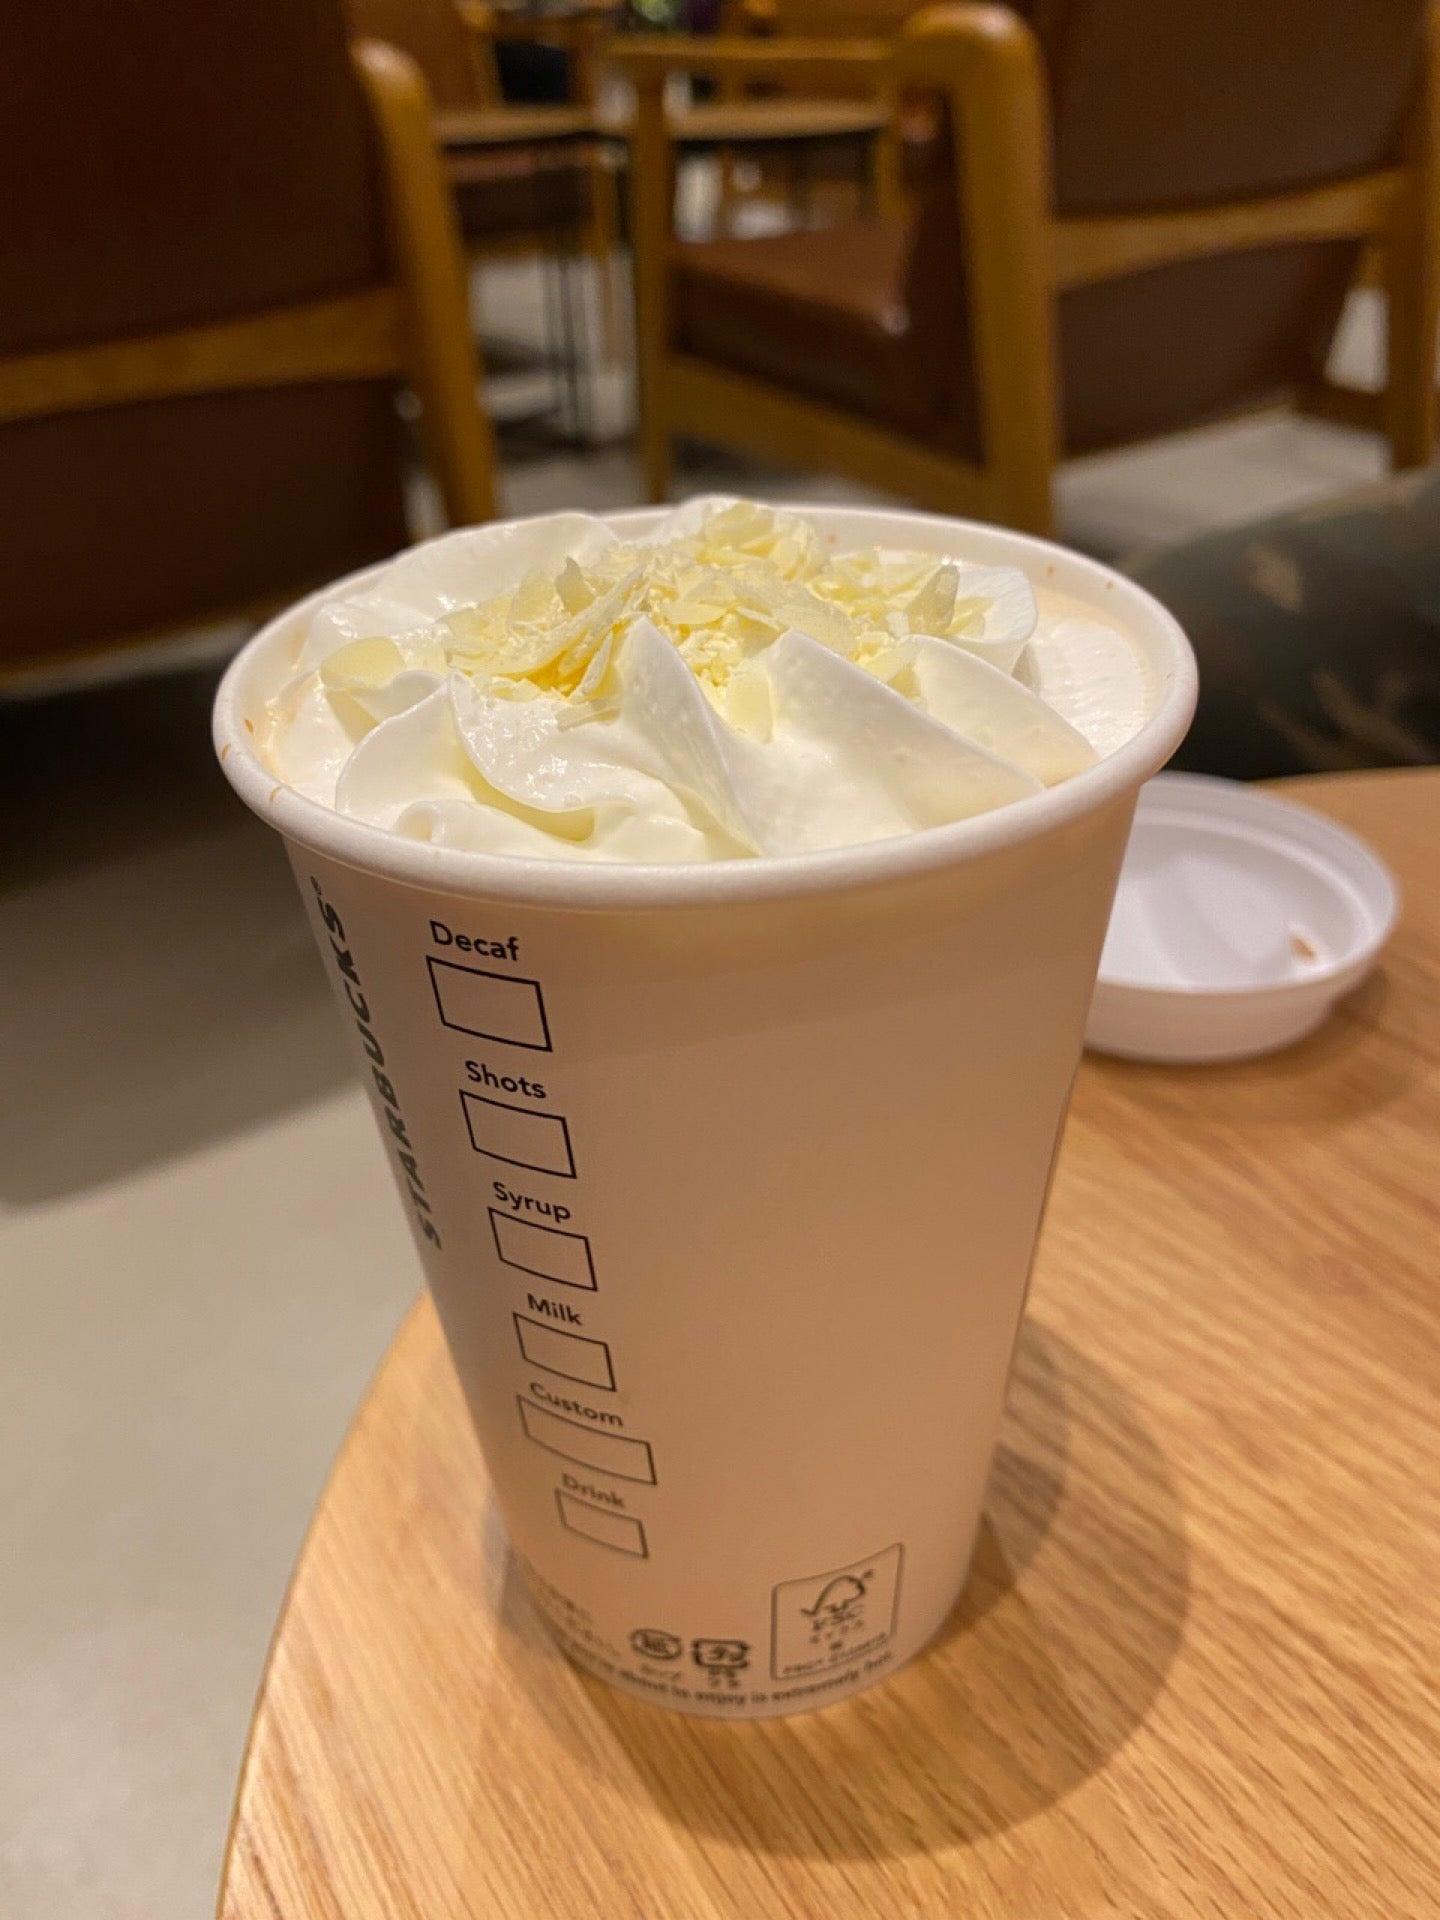 ホワイト チョコレート with ラテ (゚д゚)ウマー ここのスタバはじめて来た、小牧市初のスタバ。 (@ Starbucks 小牧川西店 - @starbucks_j in 小牧市, 愛知県) https://t.co/nWT4hR0NUe https://t.co/ZqZGNId98I